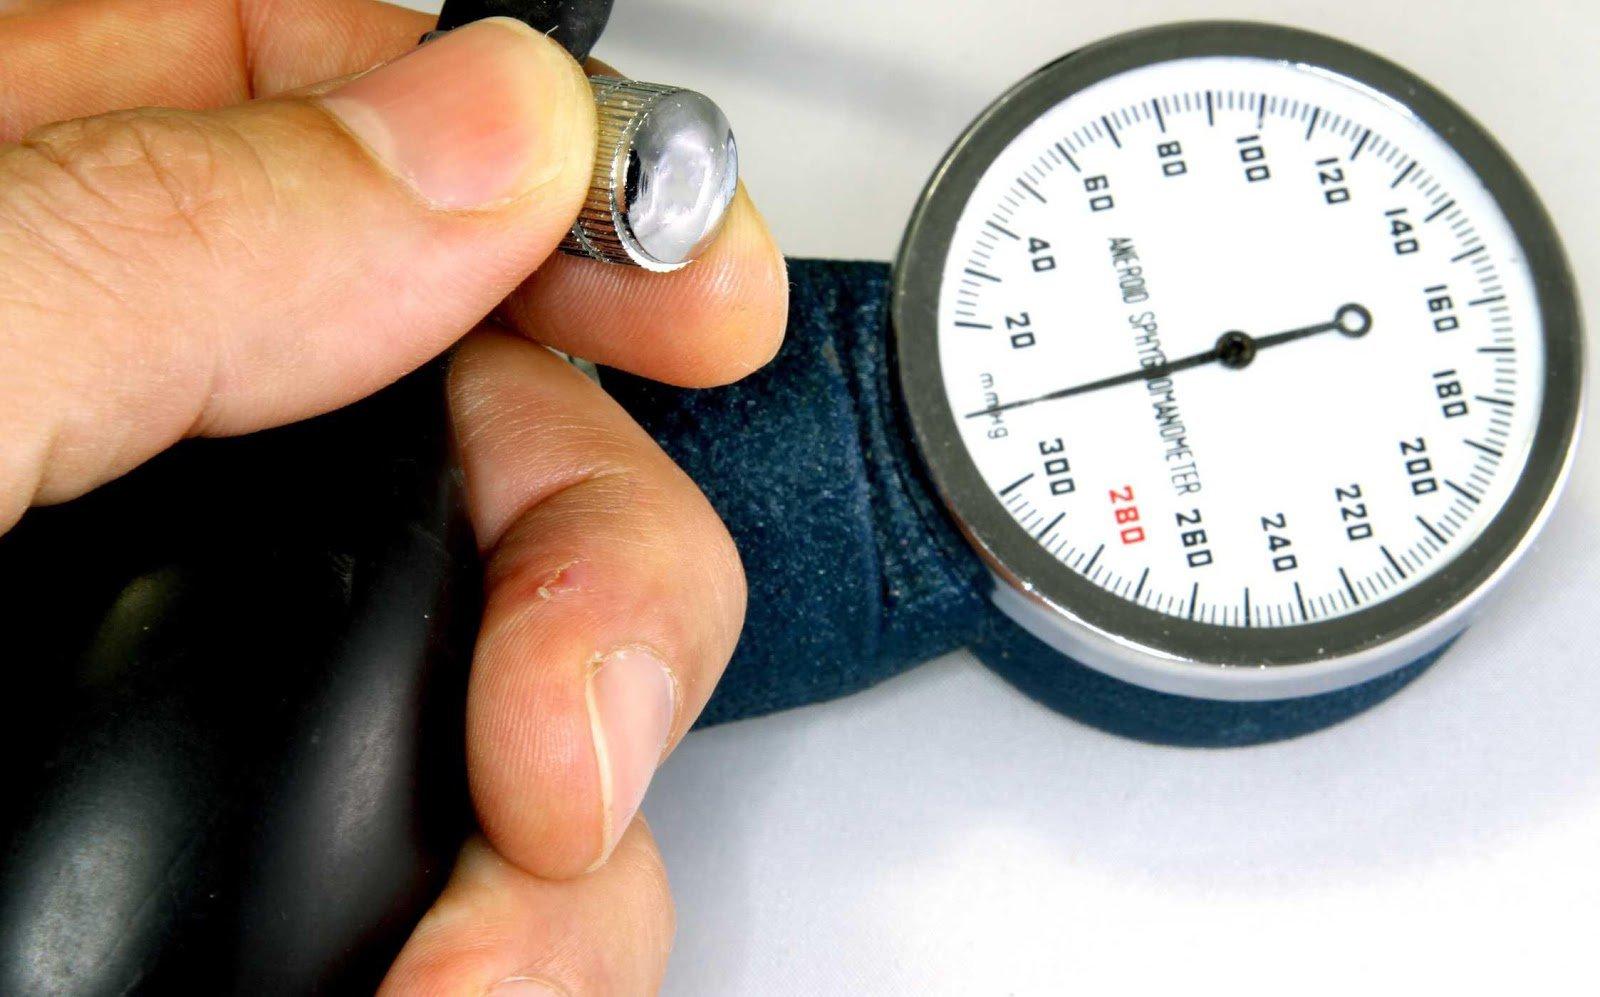 Huyết áp cao khithông sốvượt mức bình thường